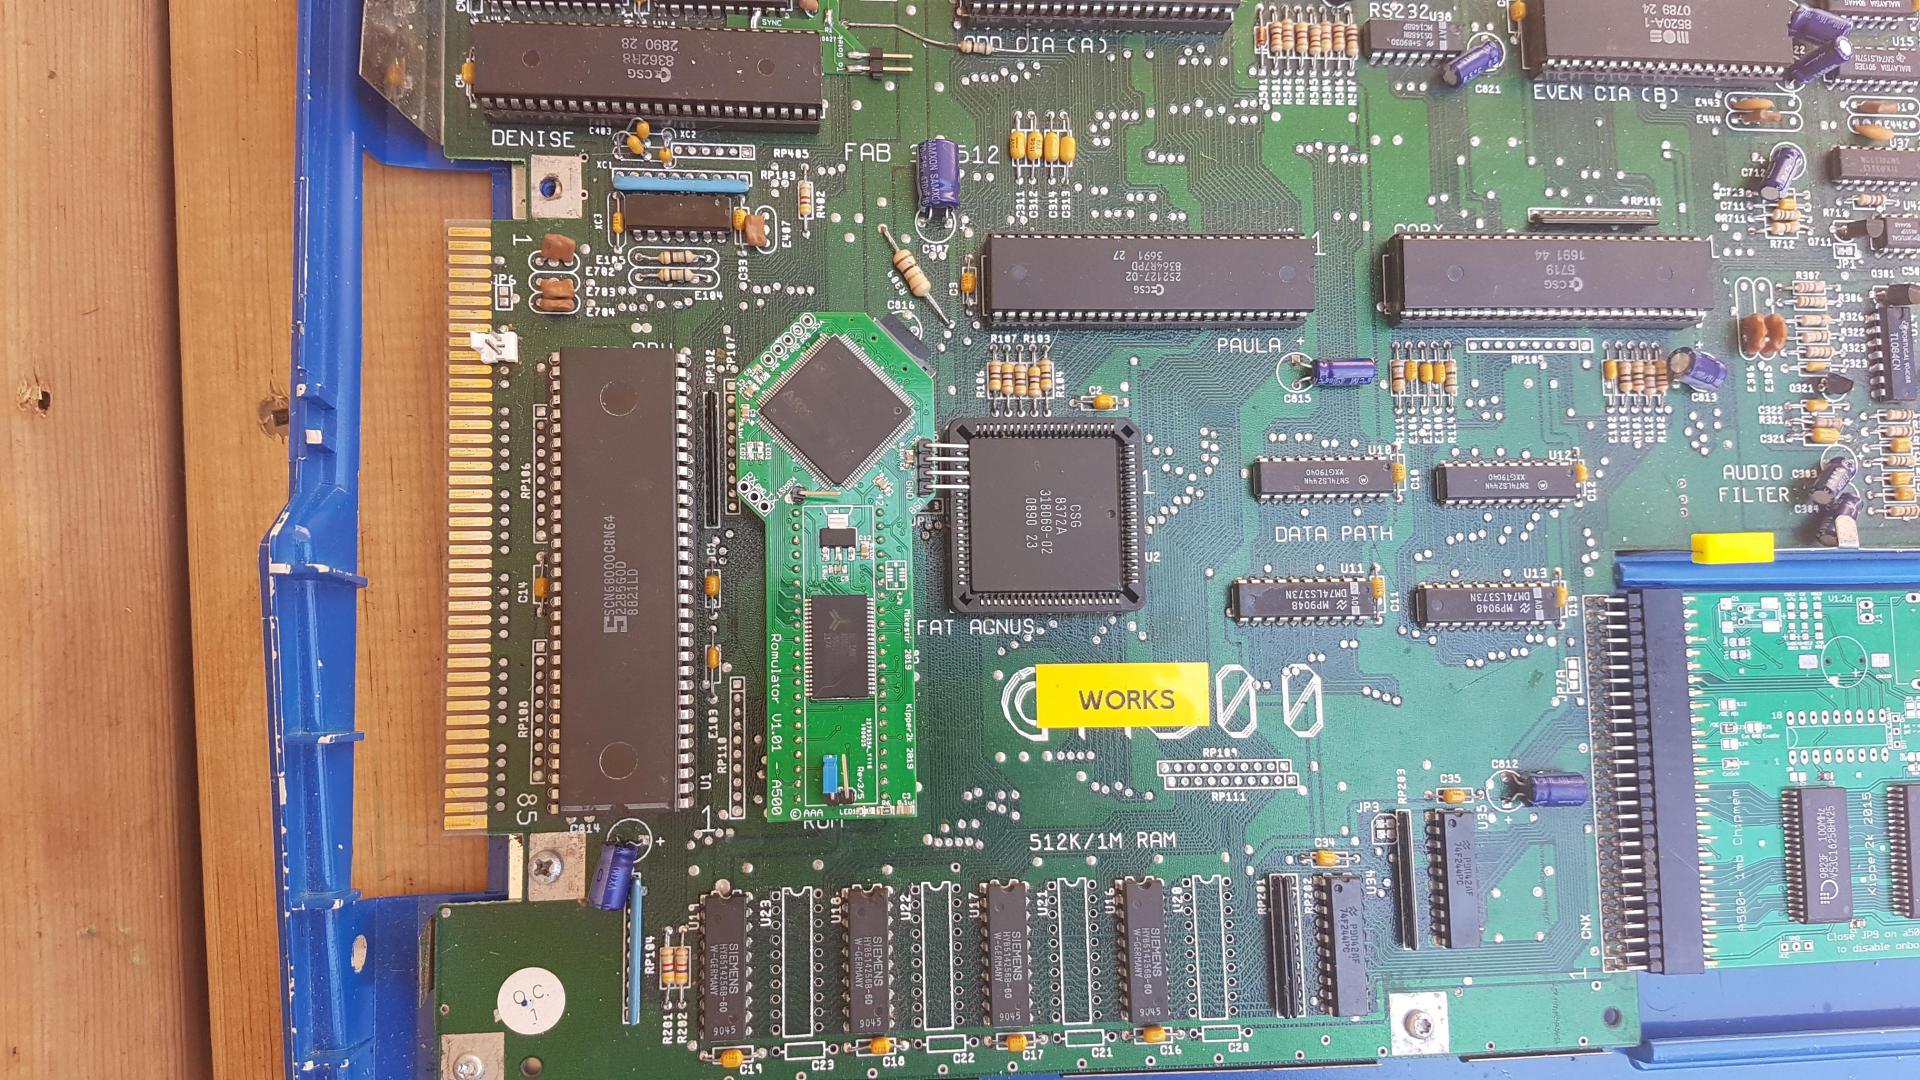 Klikněte na obrázek pro zobrazení větší verze  Název: romulatortop.jpg Zobrazeno: 67 Velikost: 445,7 KB ID: 9610